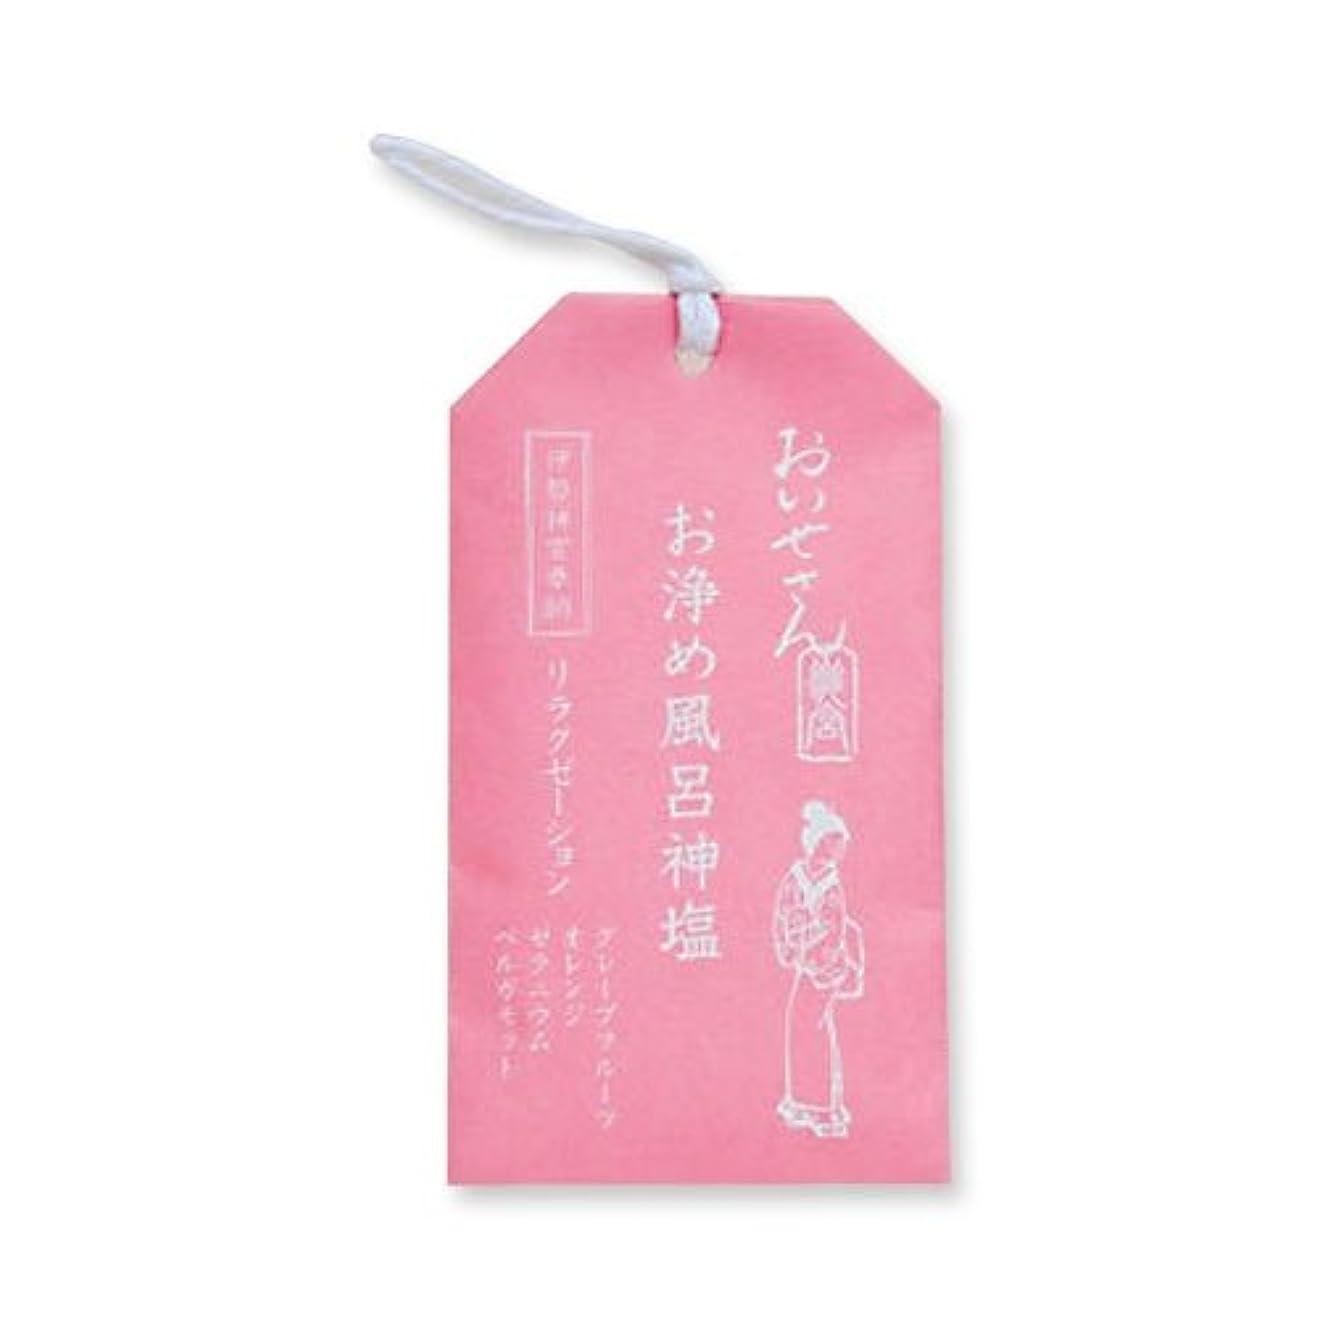 遊具教室王子おいせさん お浄め風呂神塩 バス用ソルト(リラクゼーション) 20g